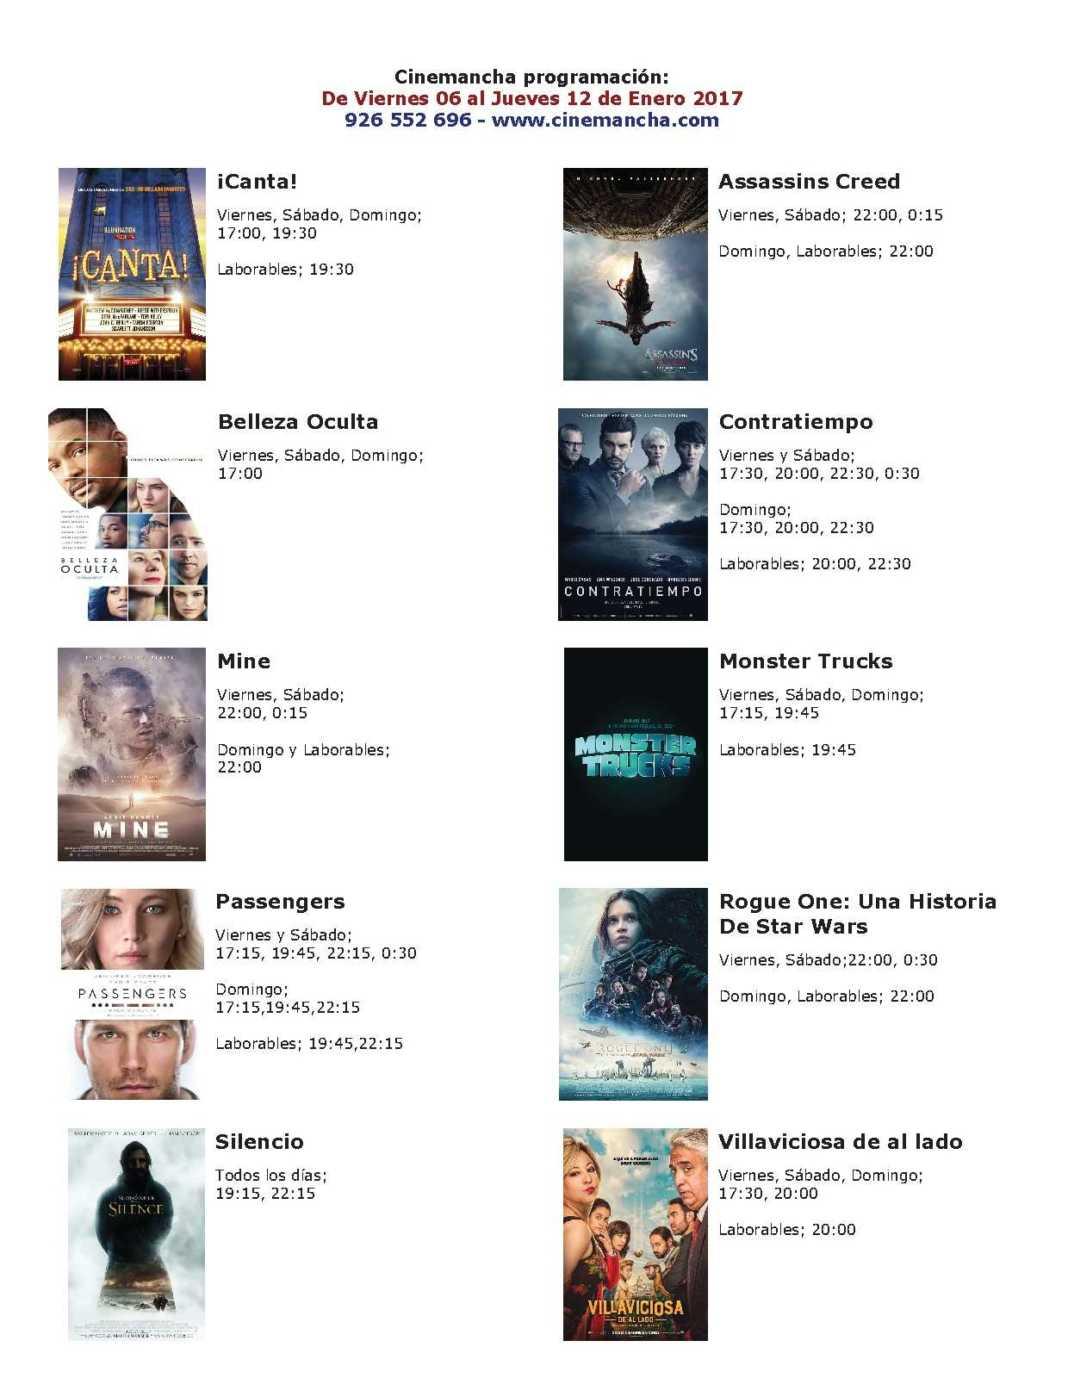 cartelera de cinemancha del 06 al 12 de enero 1068x1378 - Cartelera Cinemancha del viernes 06 al jueves 12 de enero